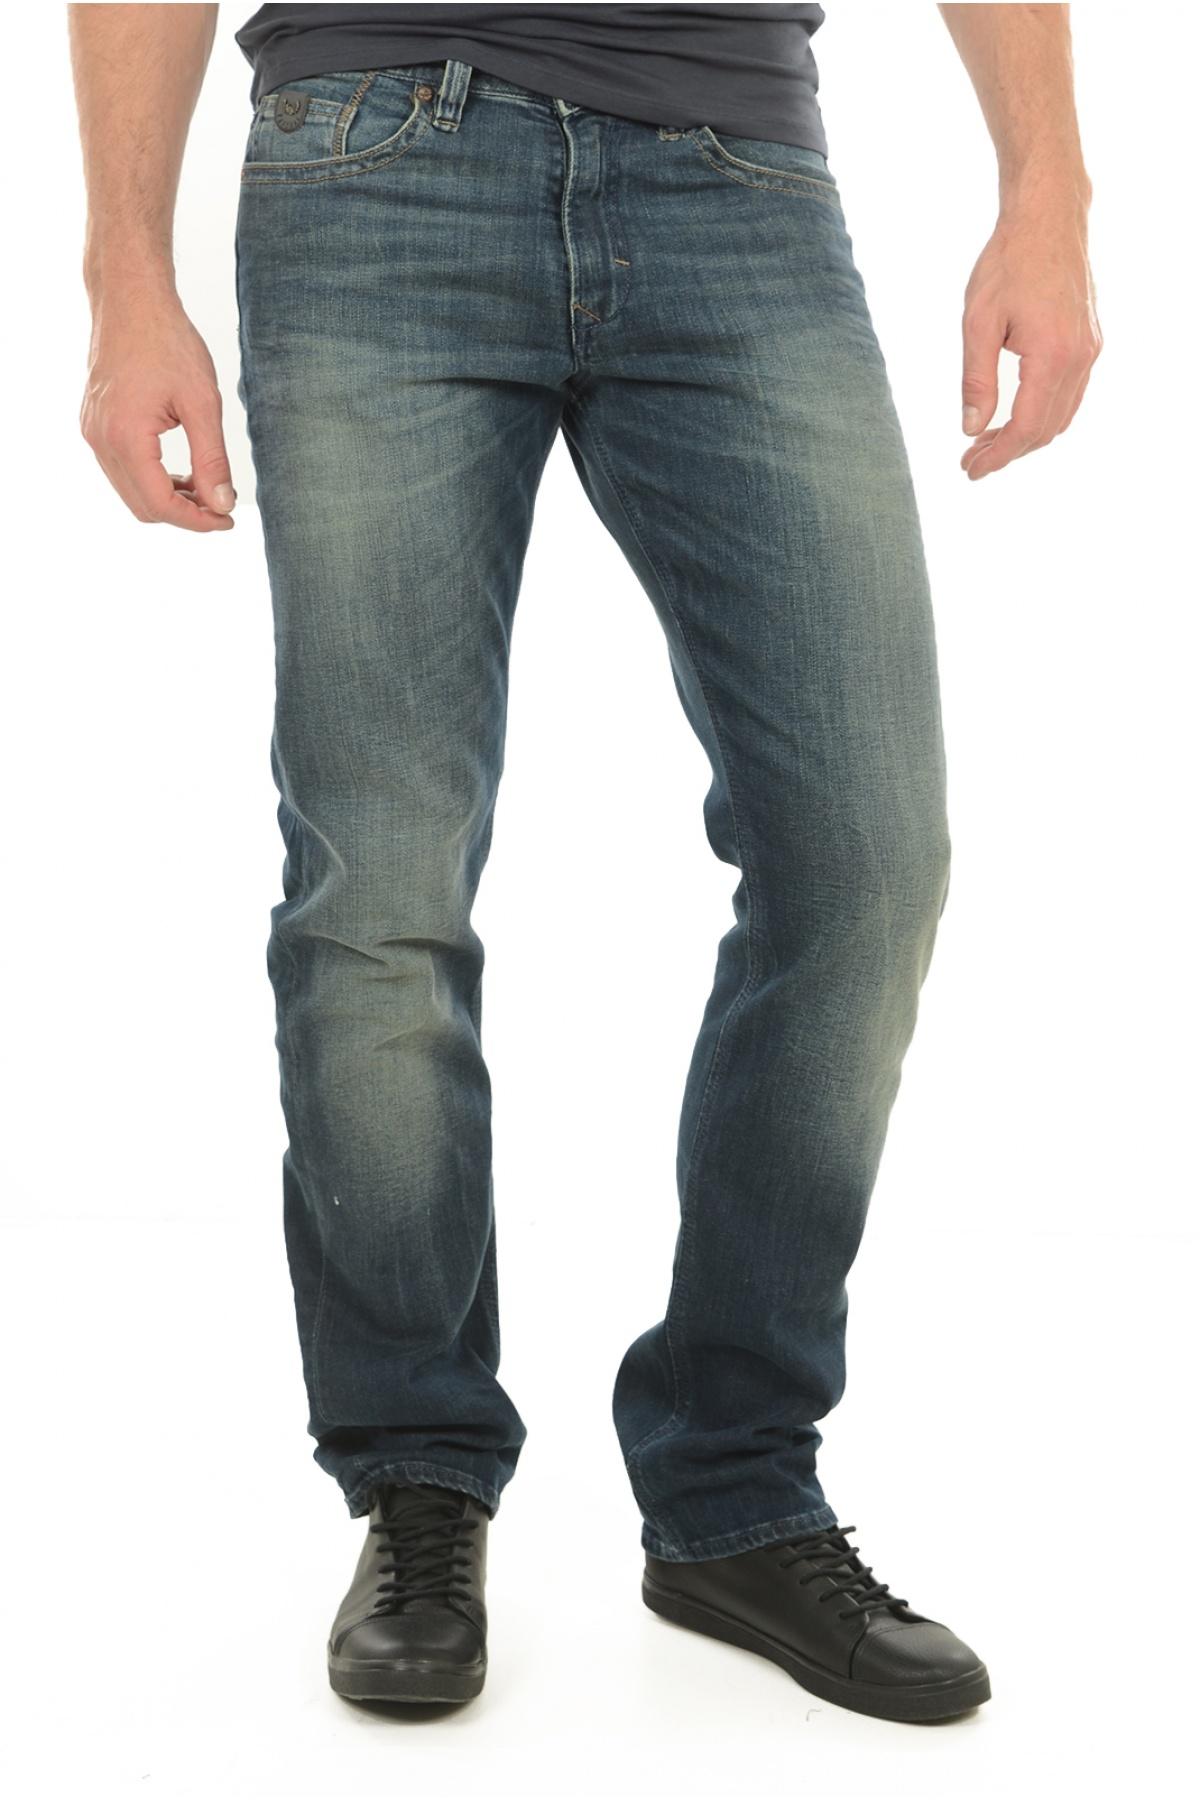 Jeans Kaporal Homme 36